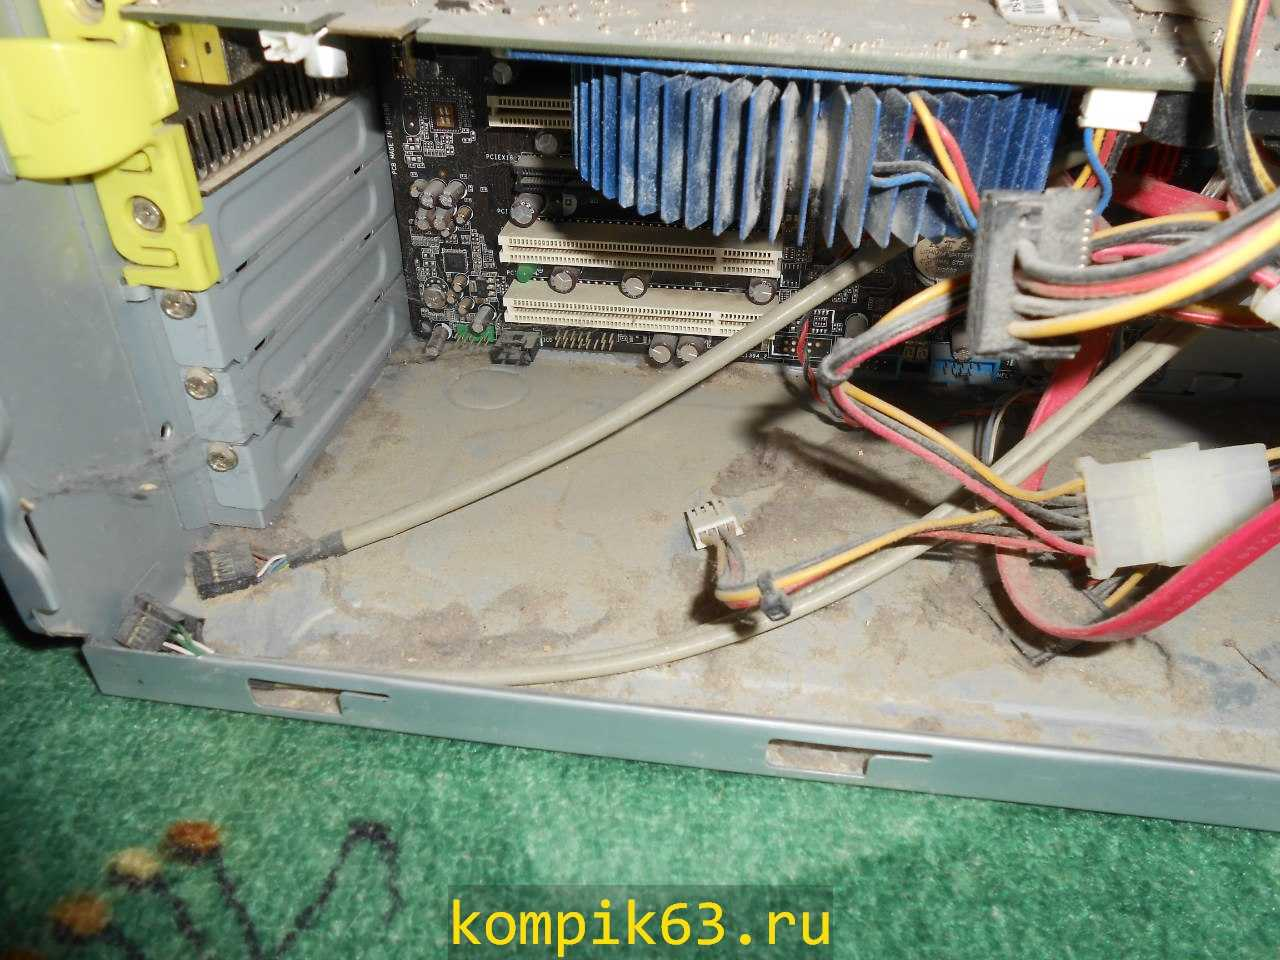 kompik63.ru-040